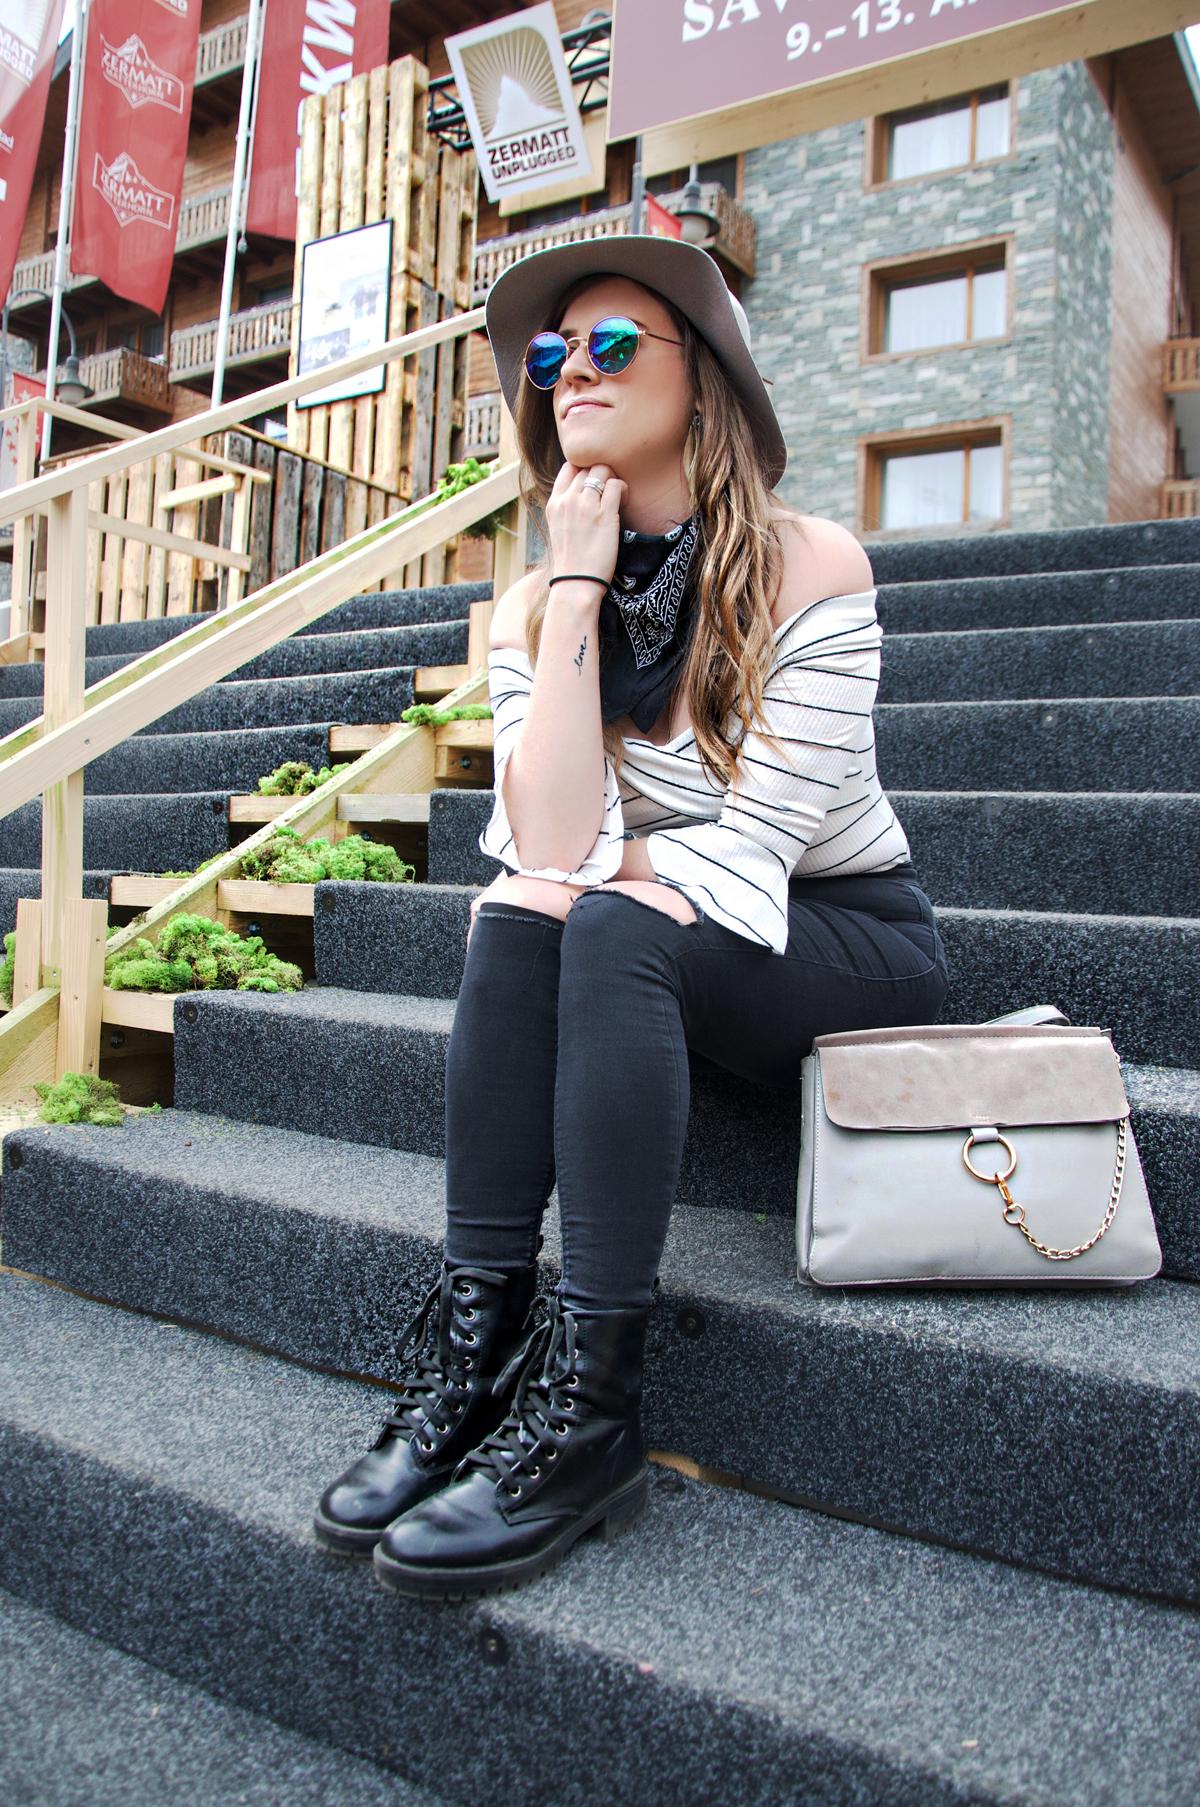 Andrea Steiner, mode bloggerin aus Luzern in der Schweiz trägt einen coolen und bequemen Look passend zum diesjährigen Zermatt unplugged.